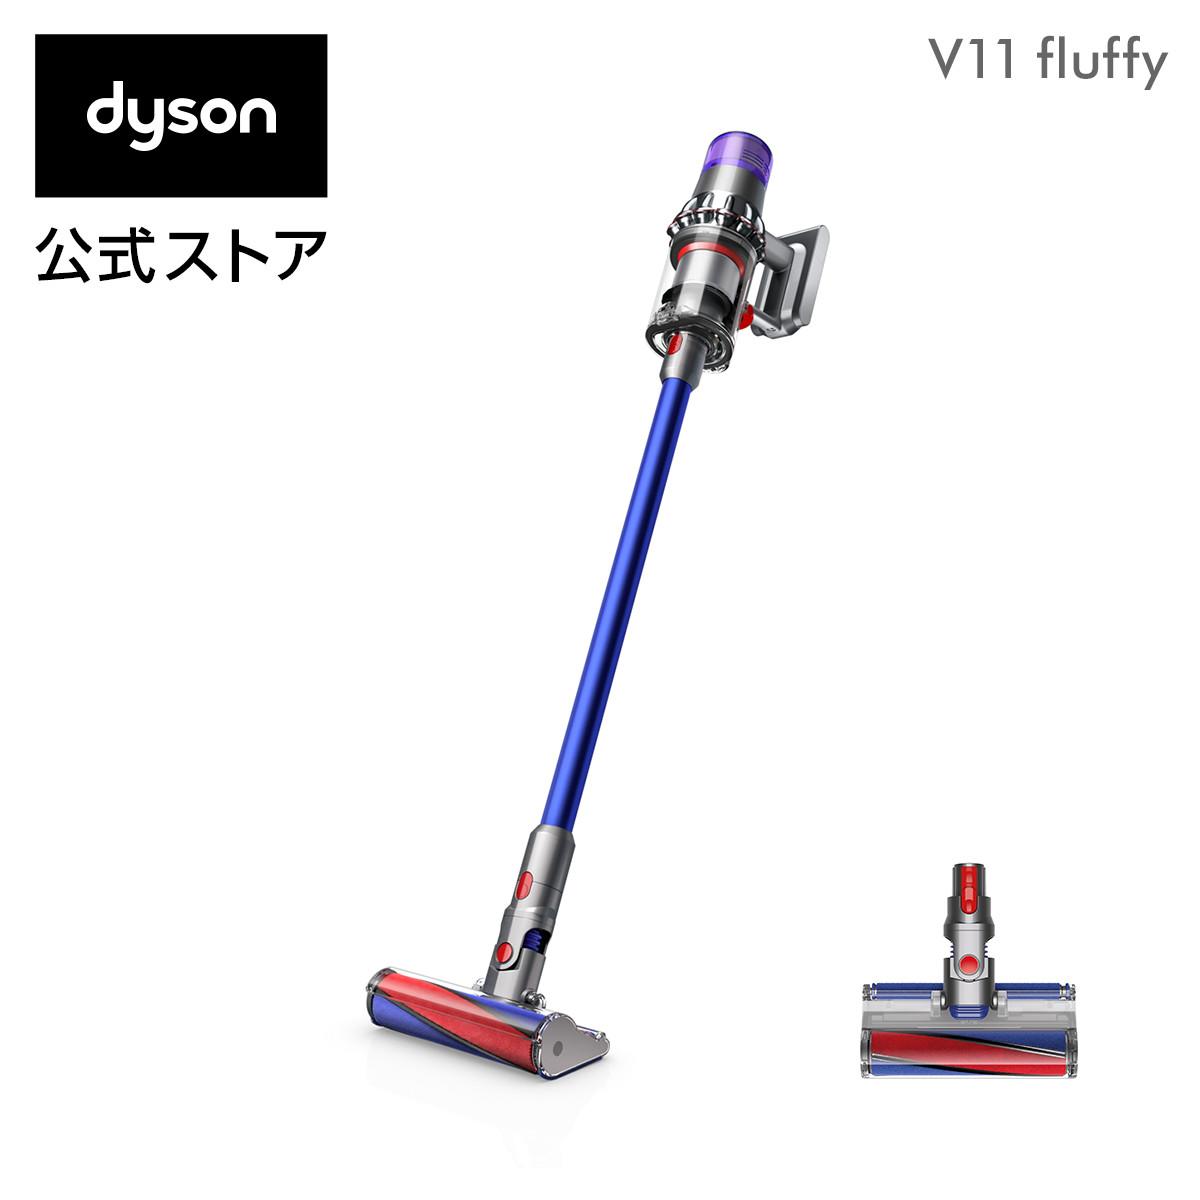 ダイソン Dyson V11 Fluffy サイクロン式 コードレス掃除機 dyson SV14FF 2019年最新モデル